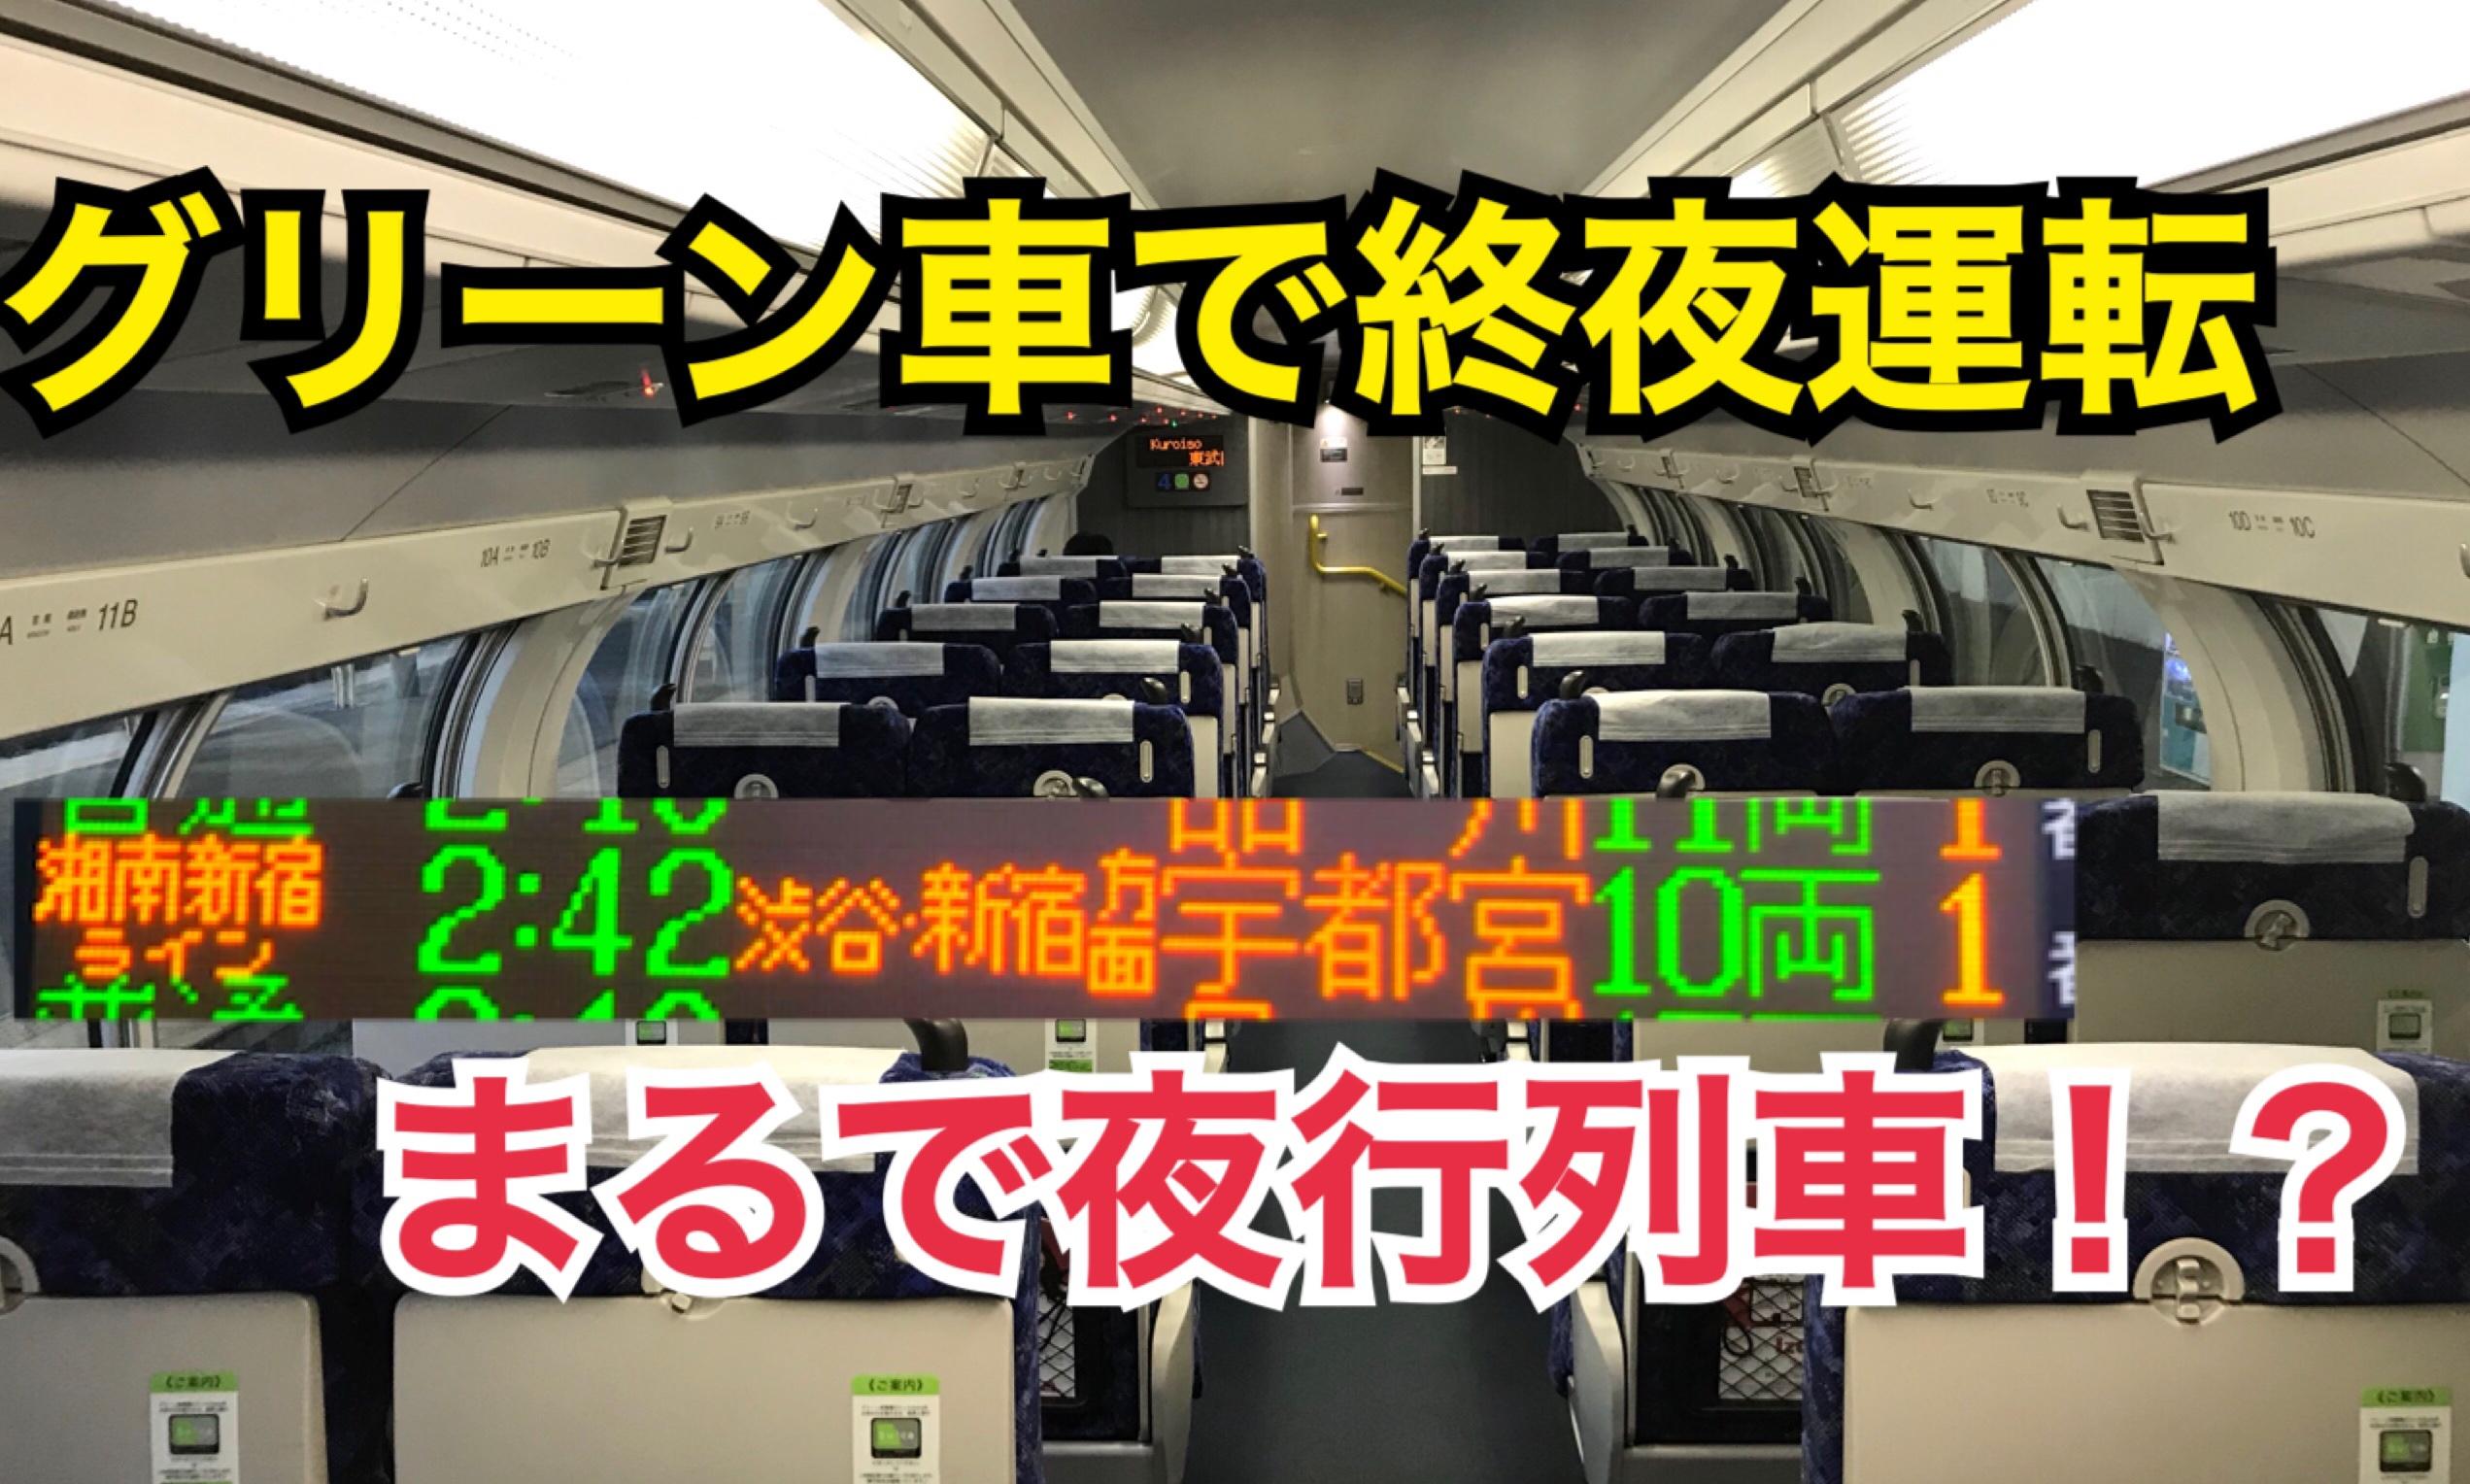 【終夜運転】まるで夜行列車!湘南新宿ラインの終夜運転をグリーン車で乗り通す!【元旦の旅】